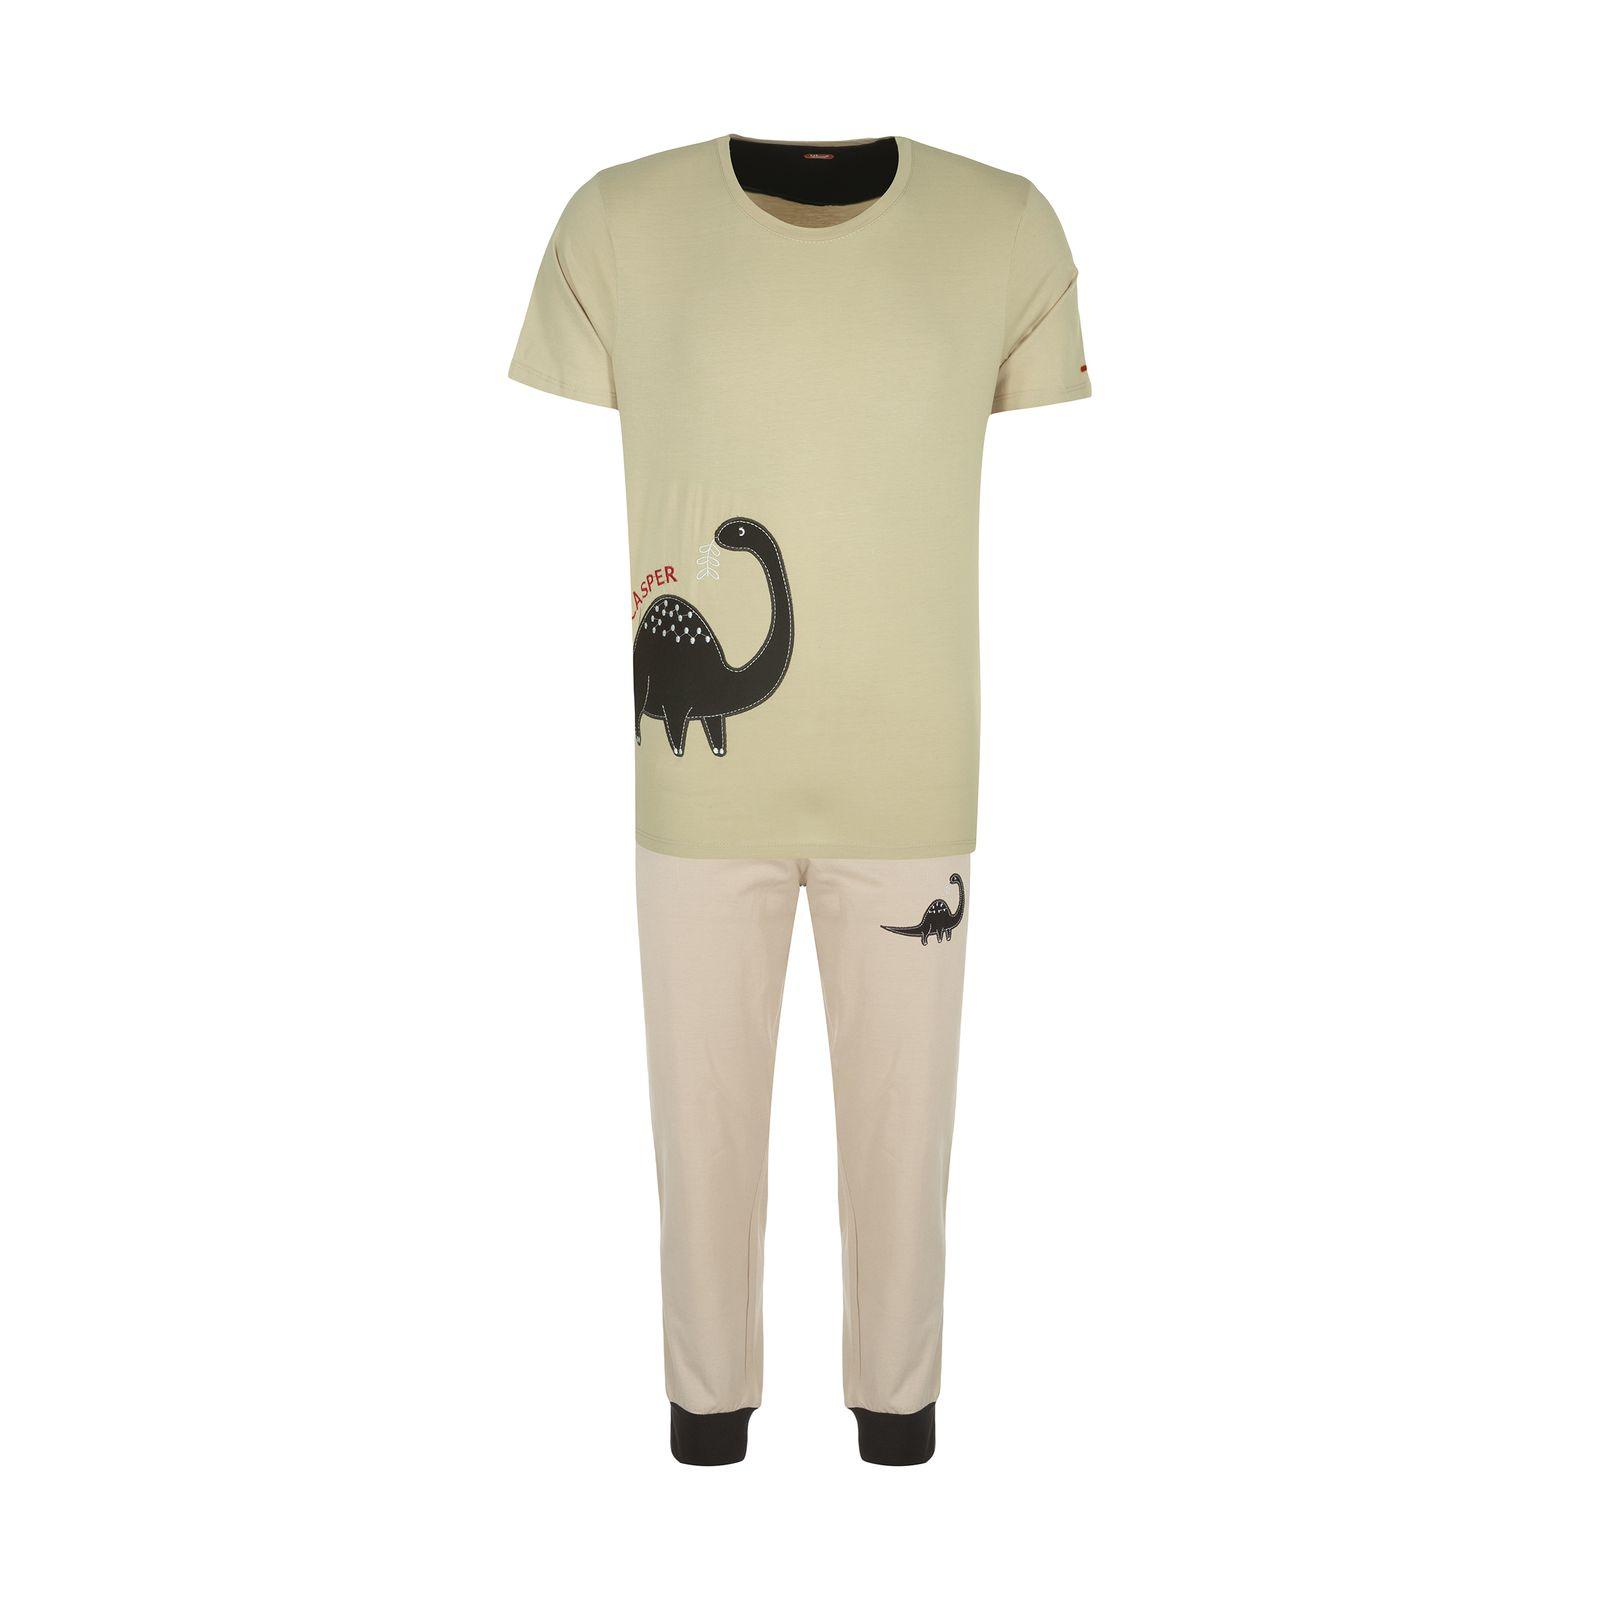 ست تی شرت و شلوارک راحتی مردانه مادر مدل 2041106-07 -  - 2